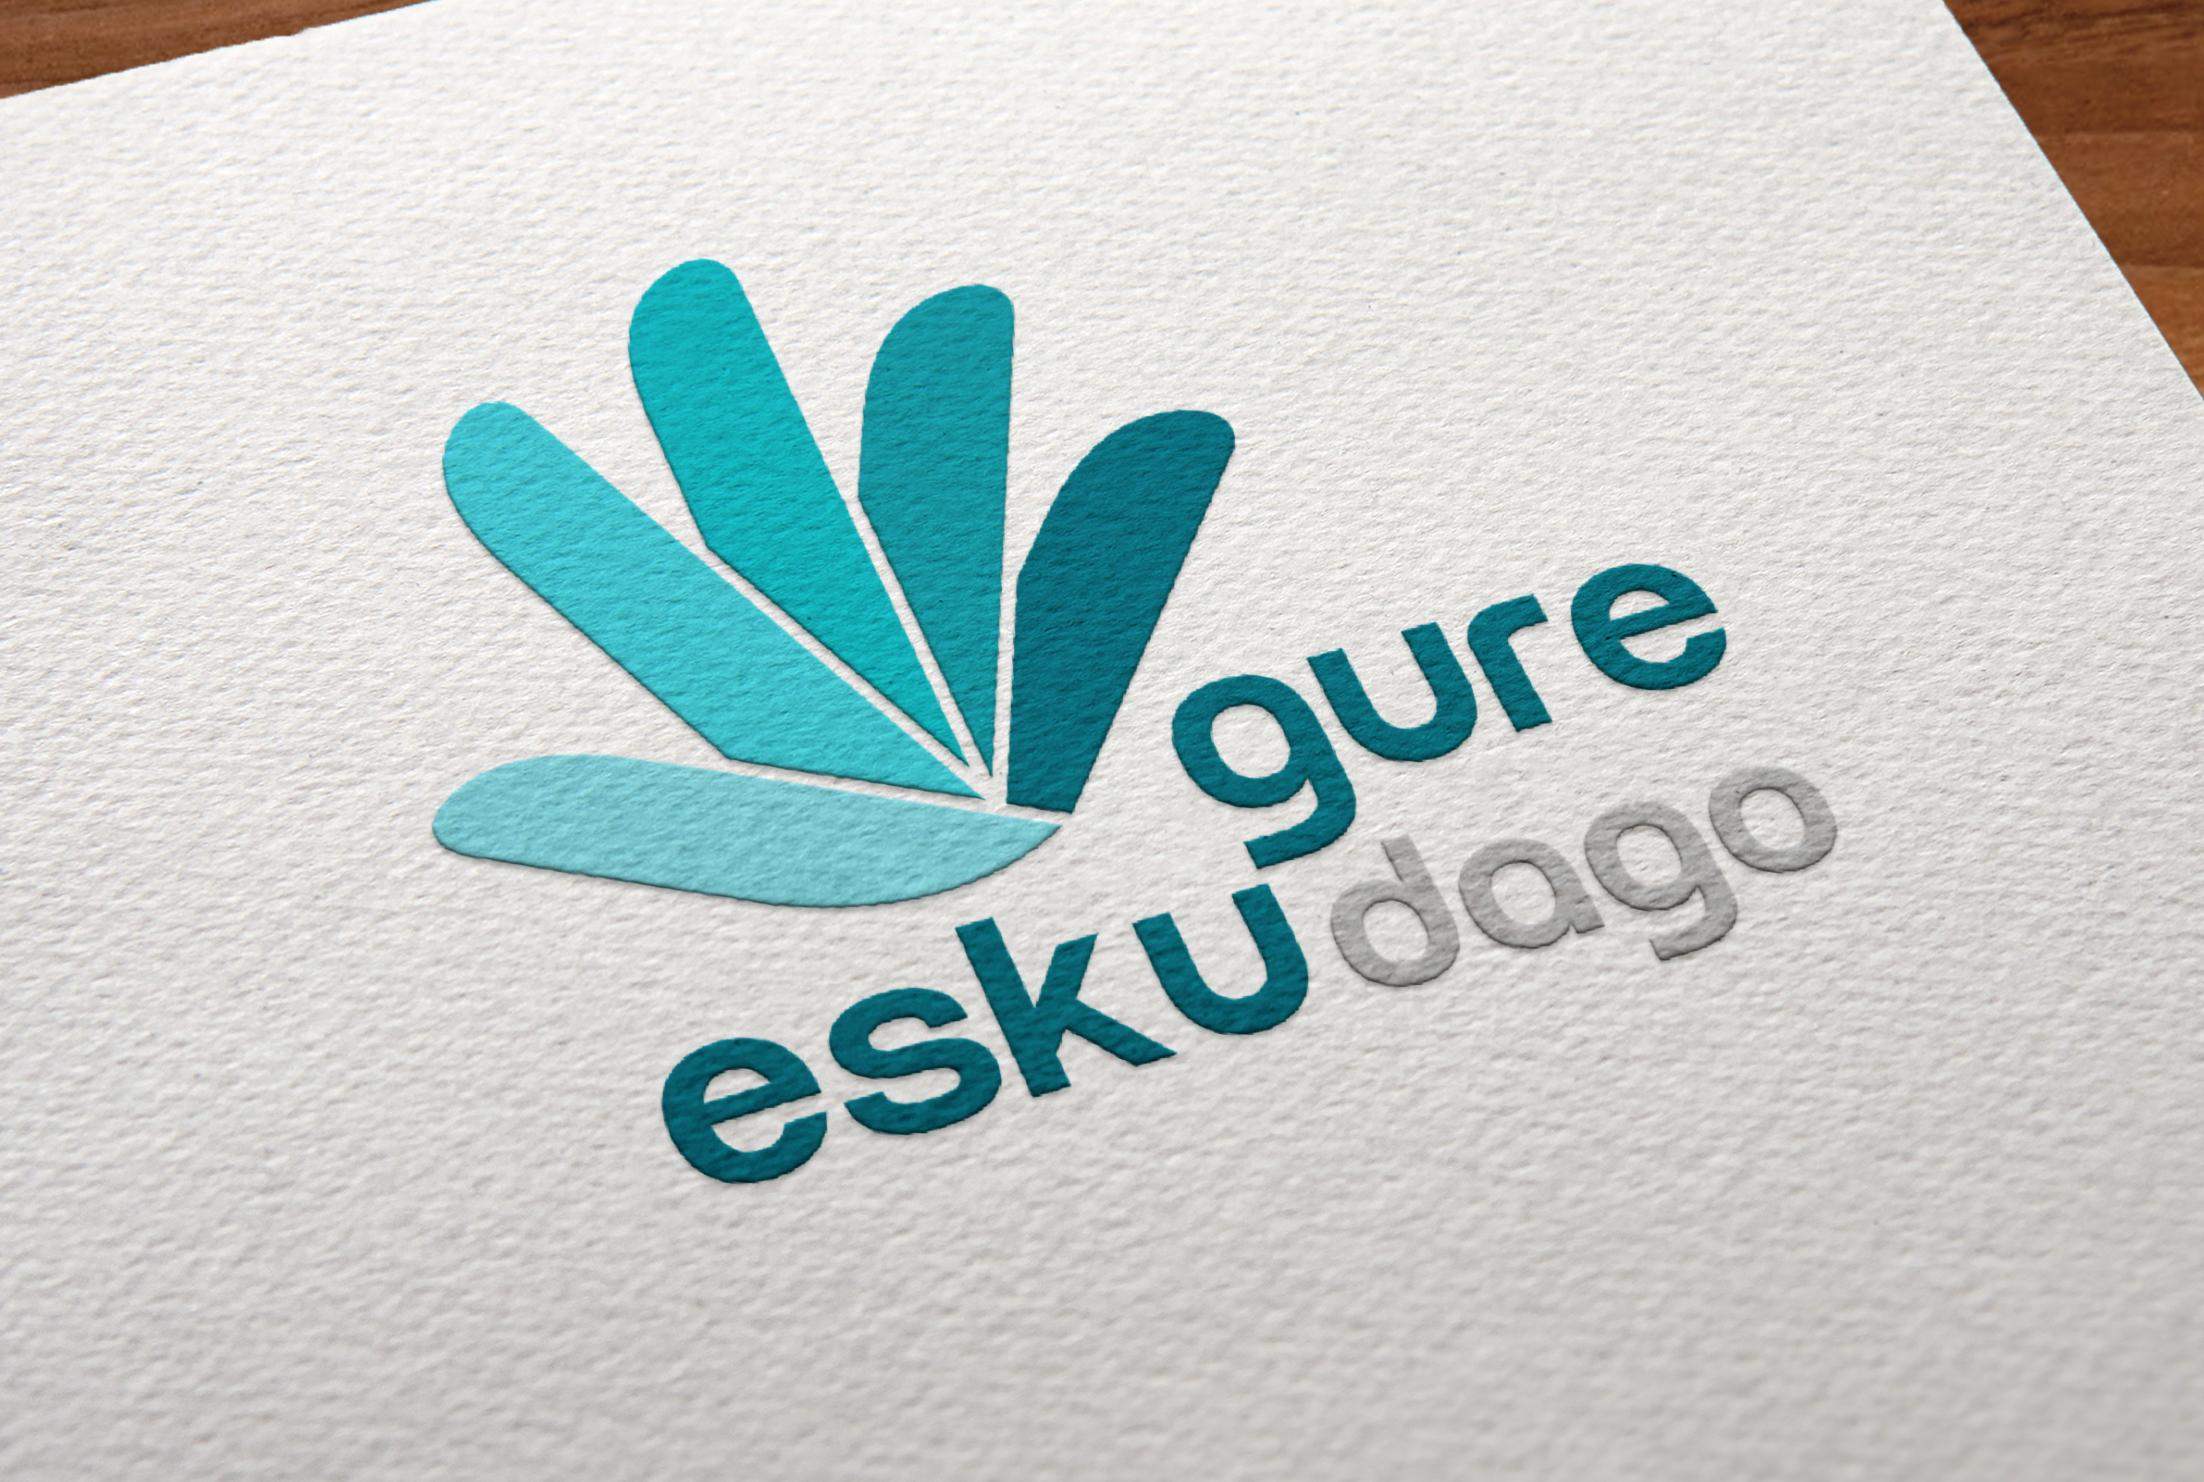 Gure esku dago logo 1